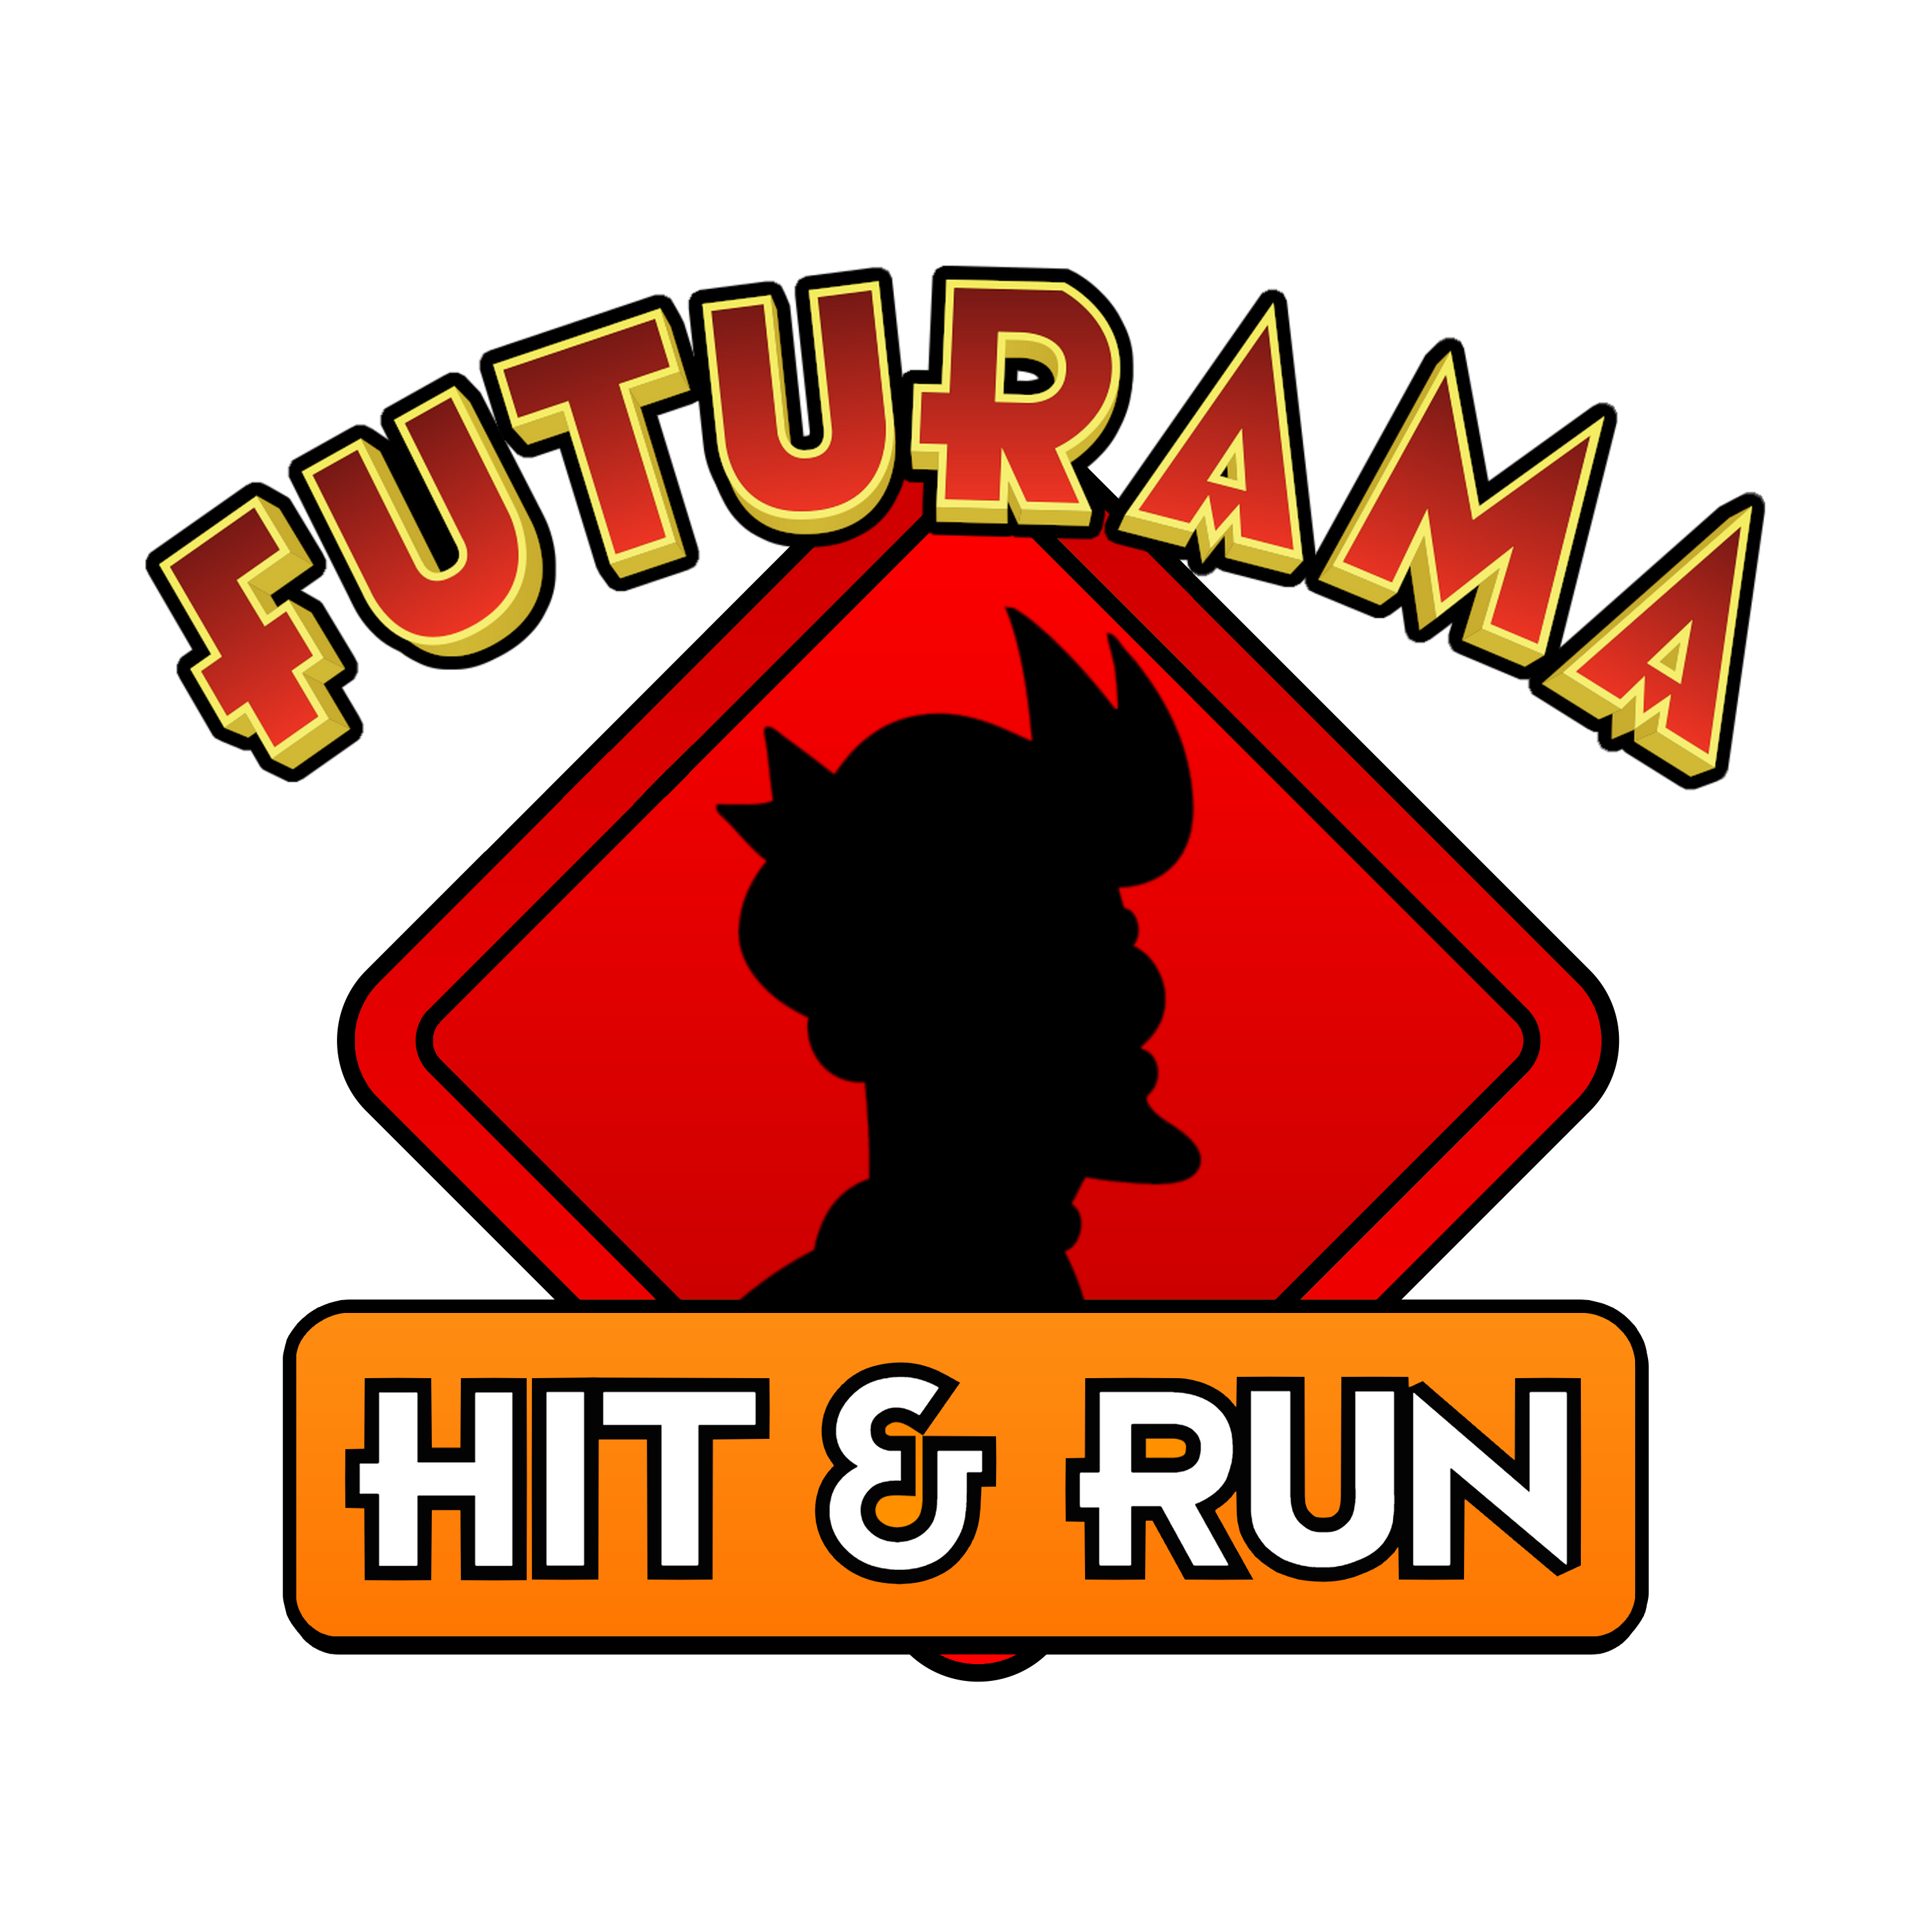 Futurama: Hit & Run icon